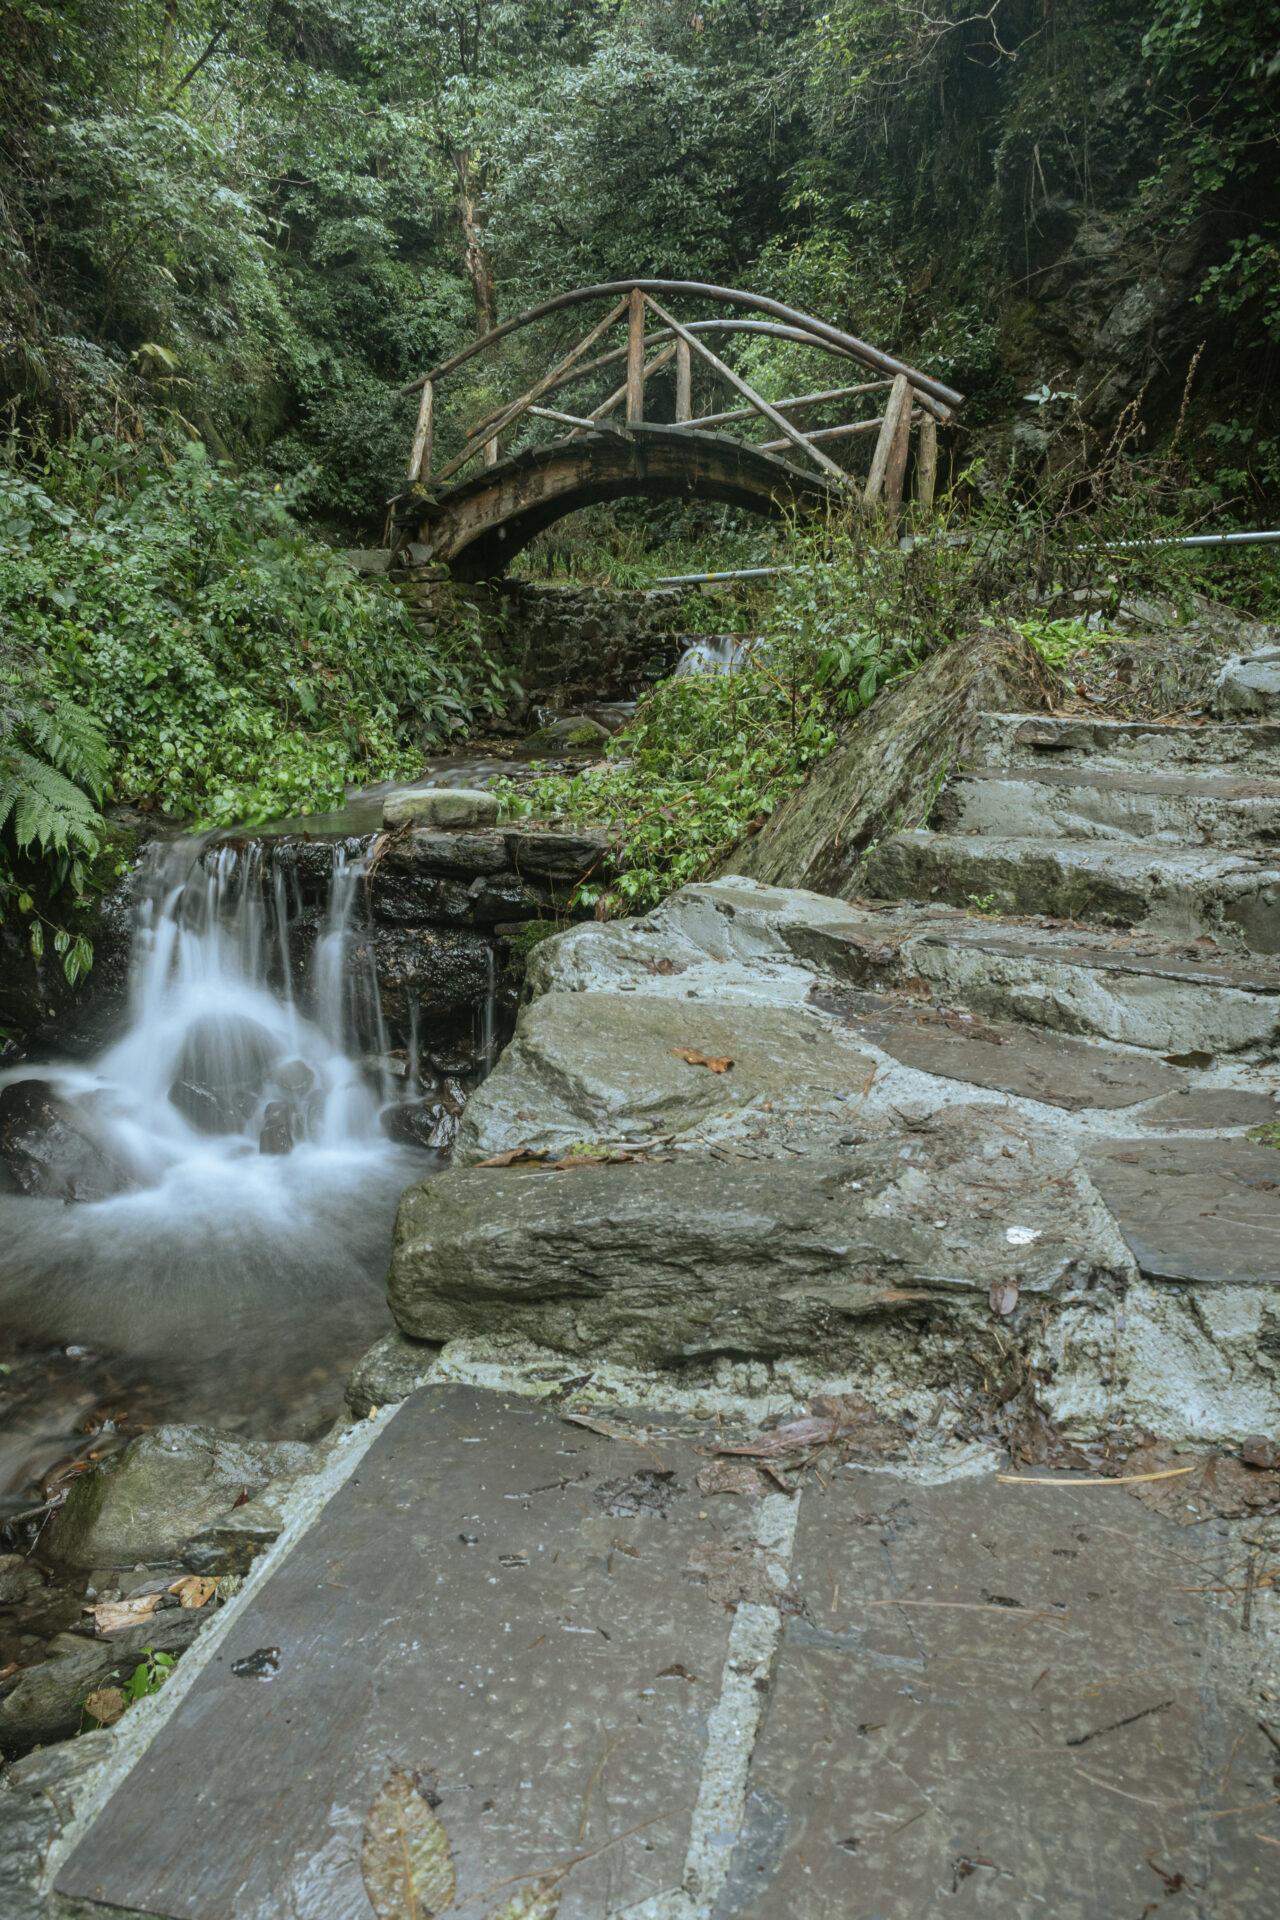 River Stream & Bridges